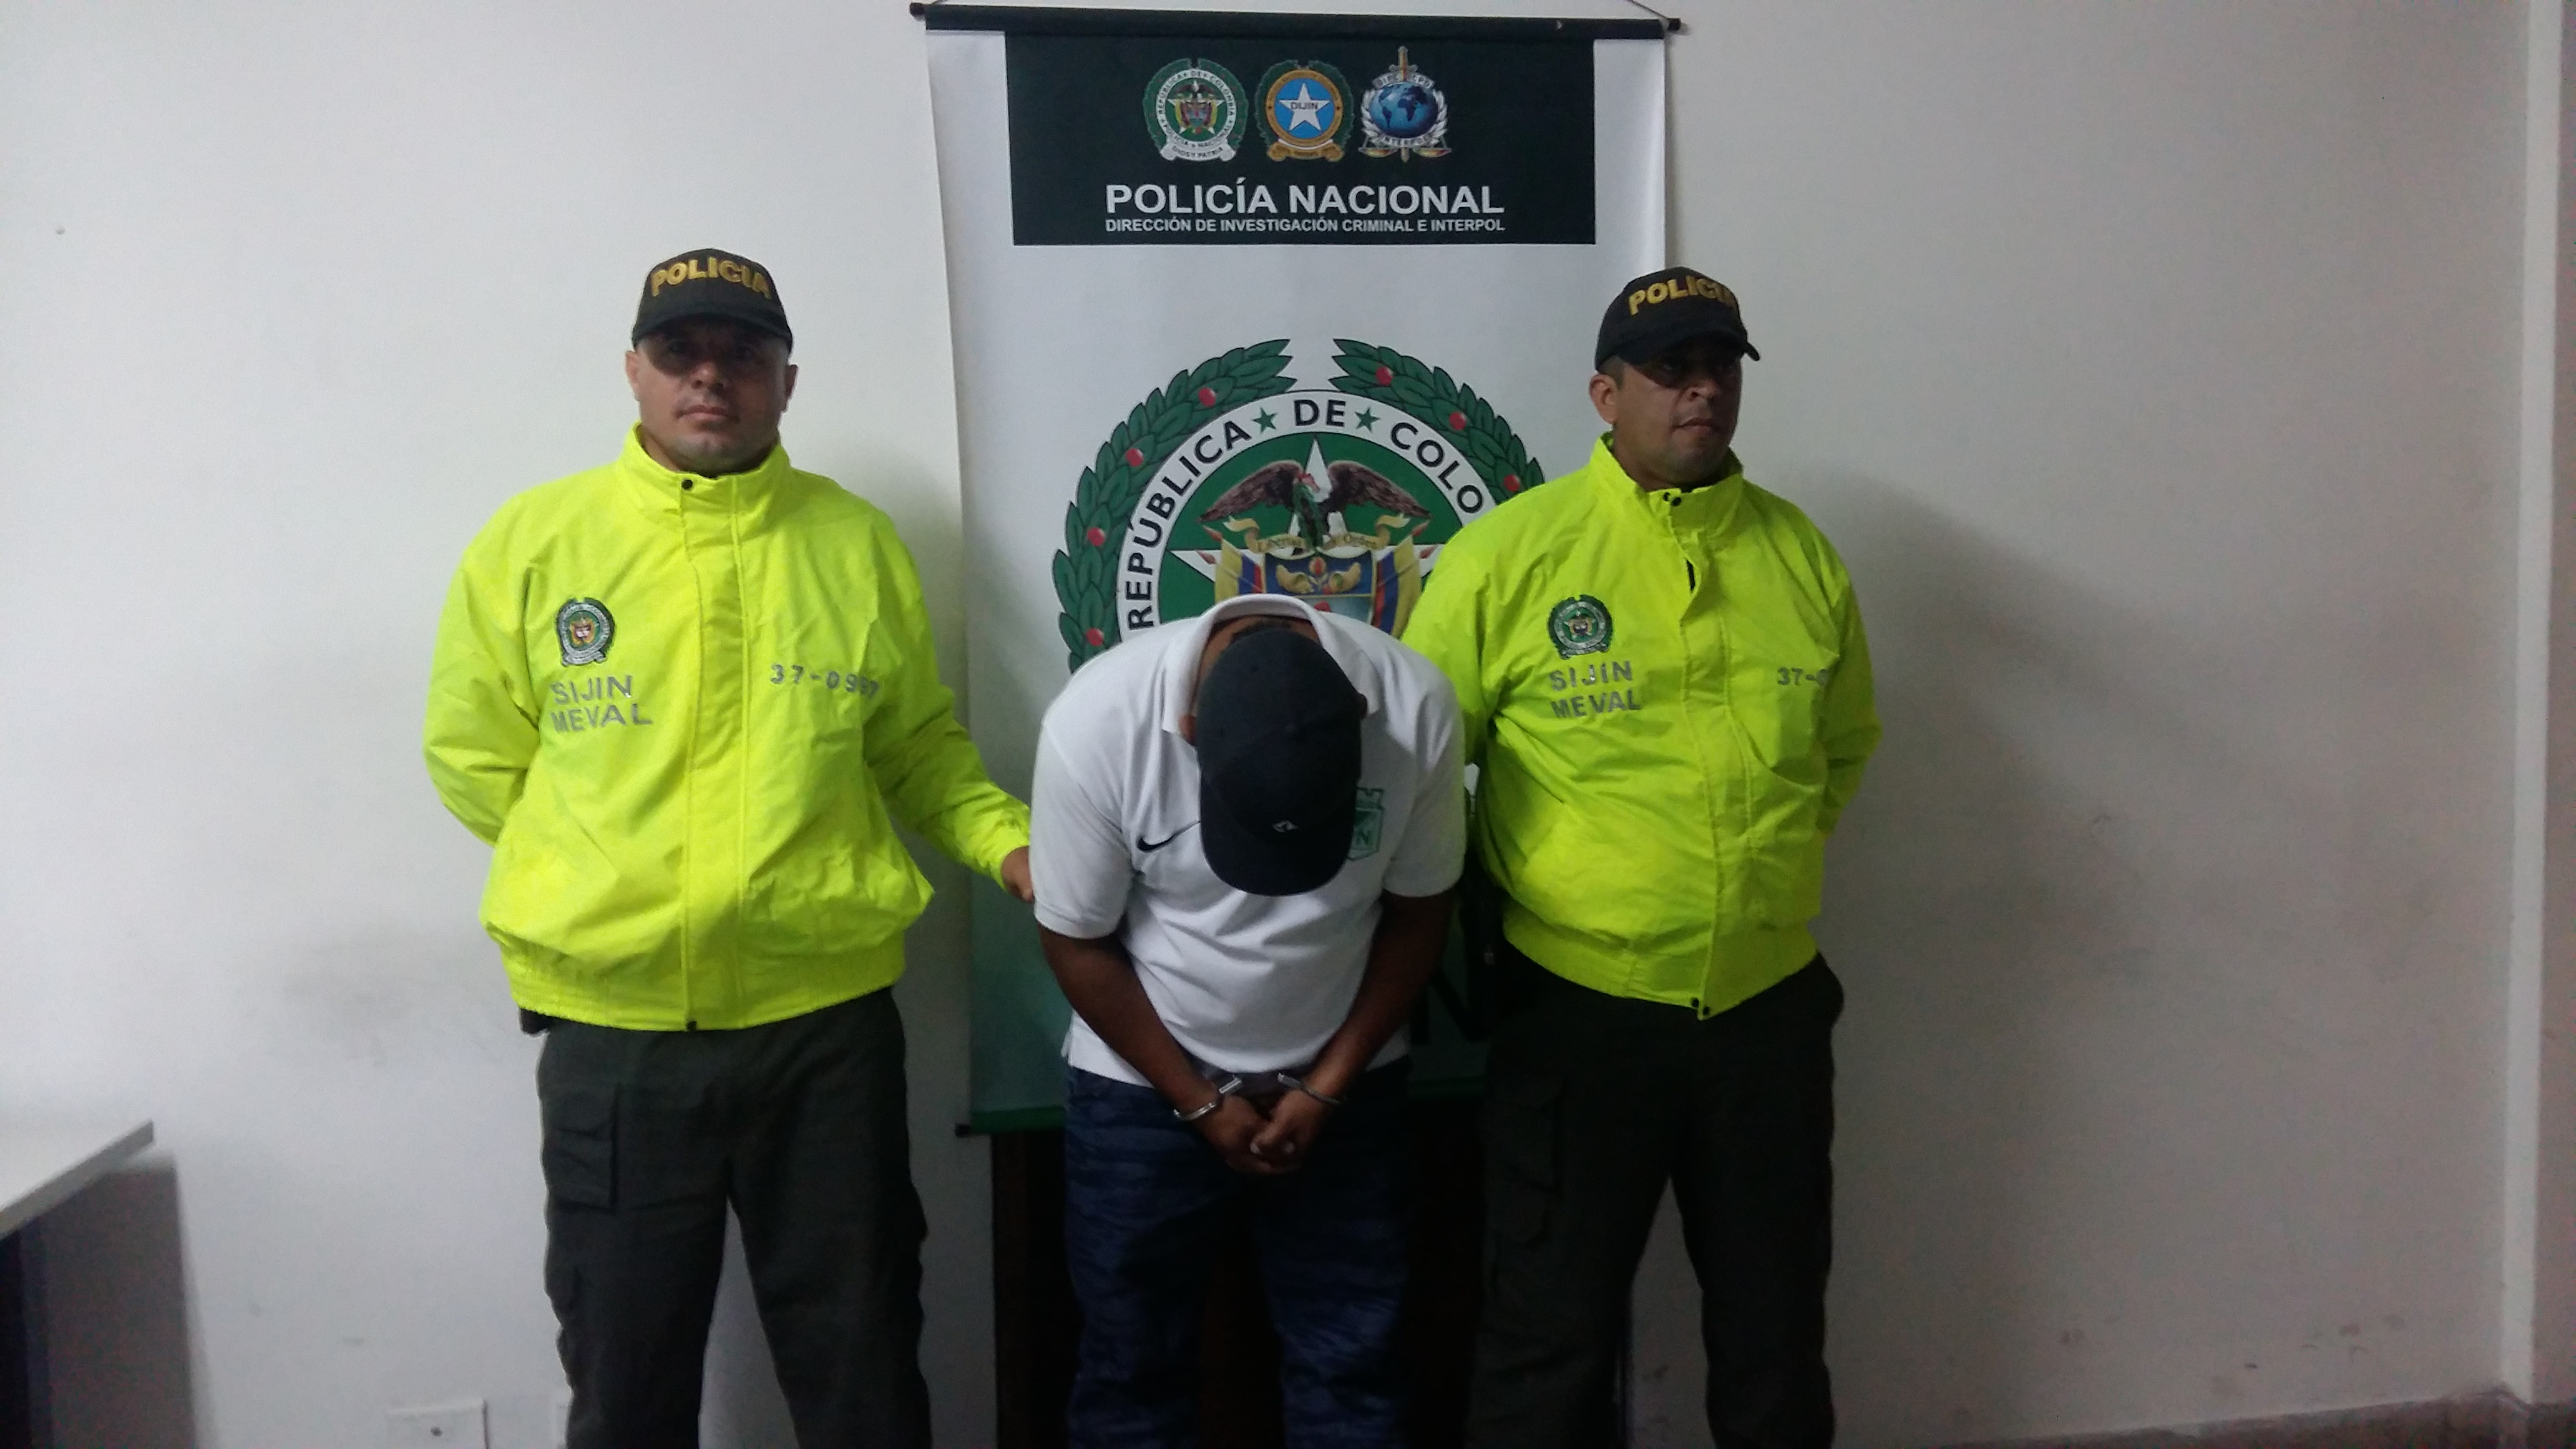 Operativos contra estructuras delincuenciales en medell n polic a nacional de colombia - Oficina policia nacional ...